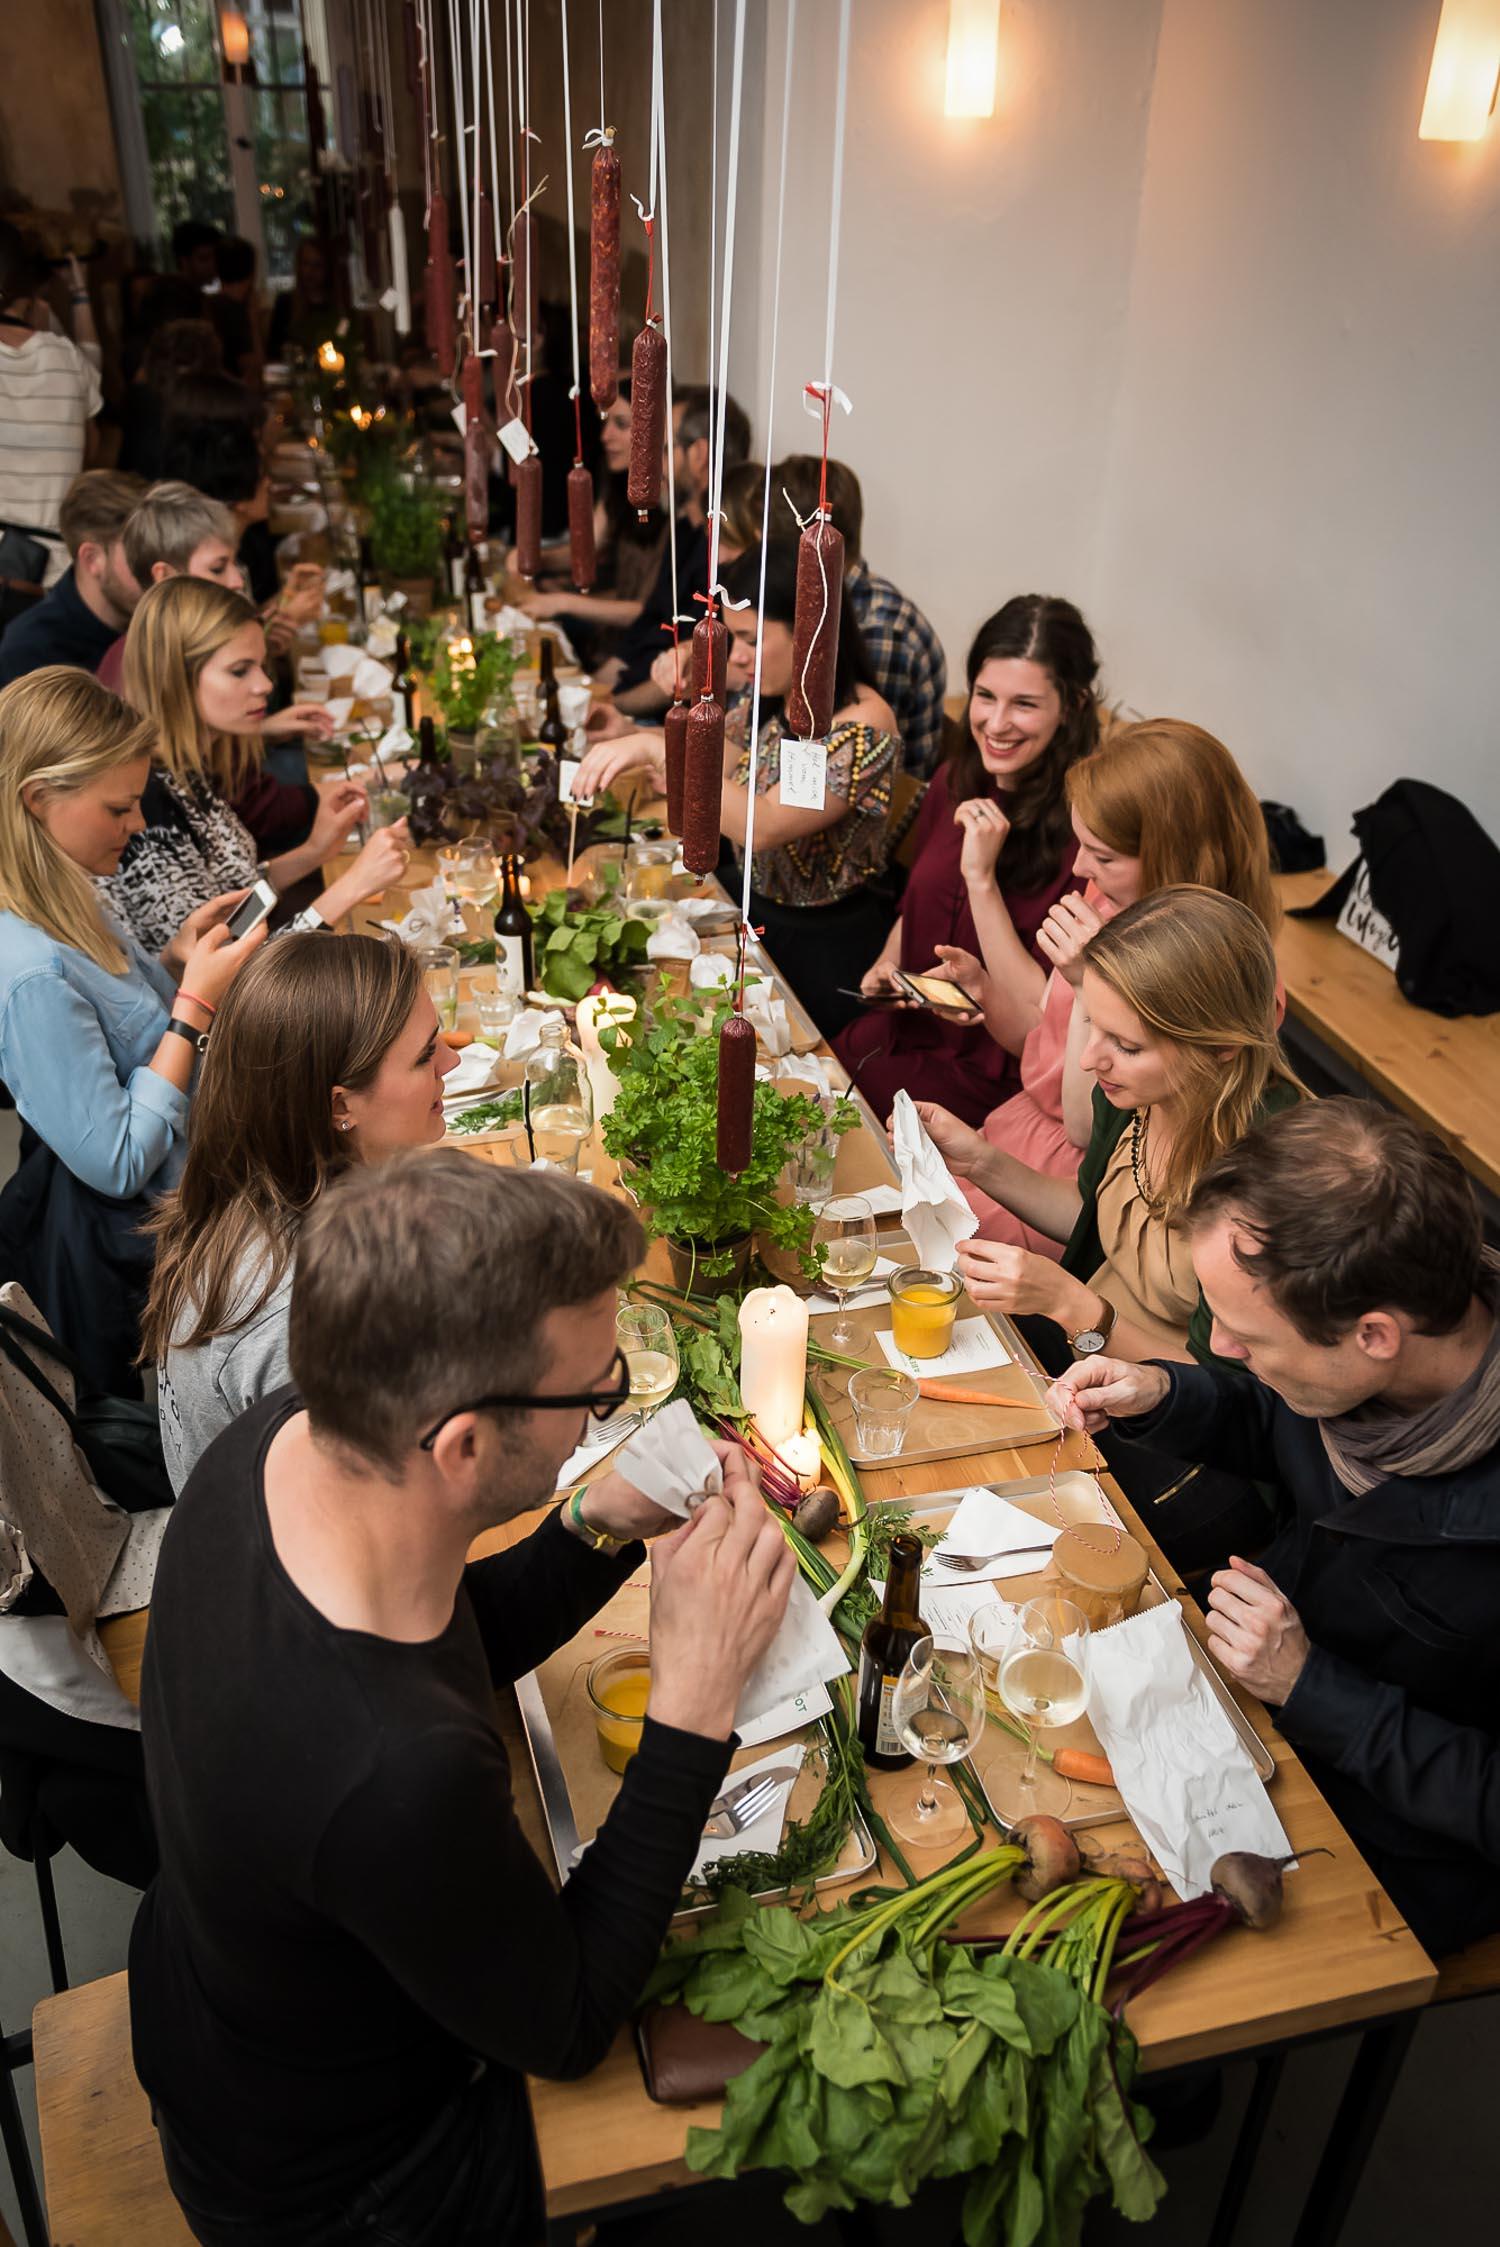 Wild and Root Food Konzepte Event Berlin